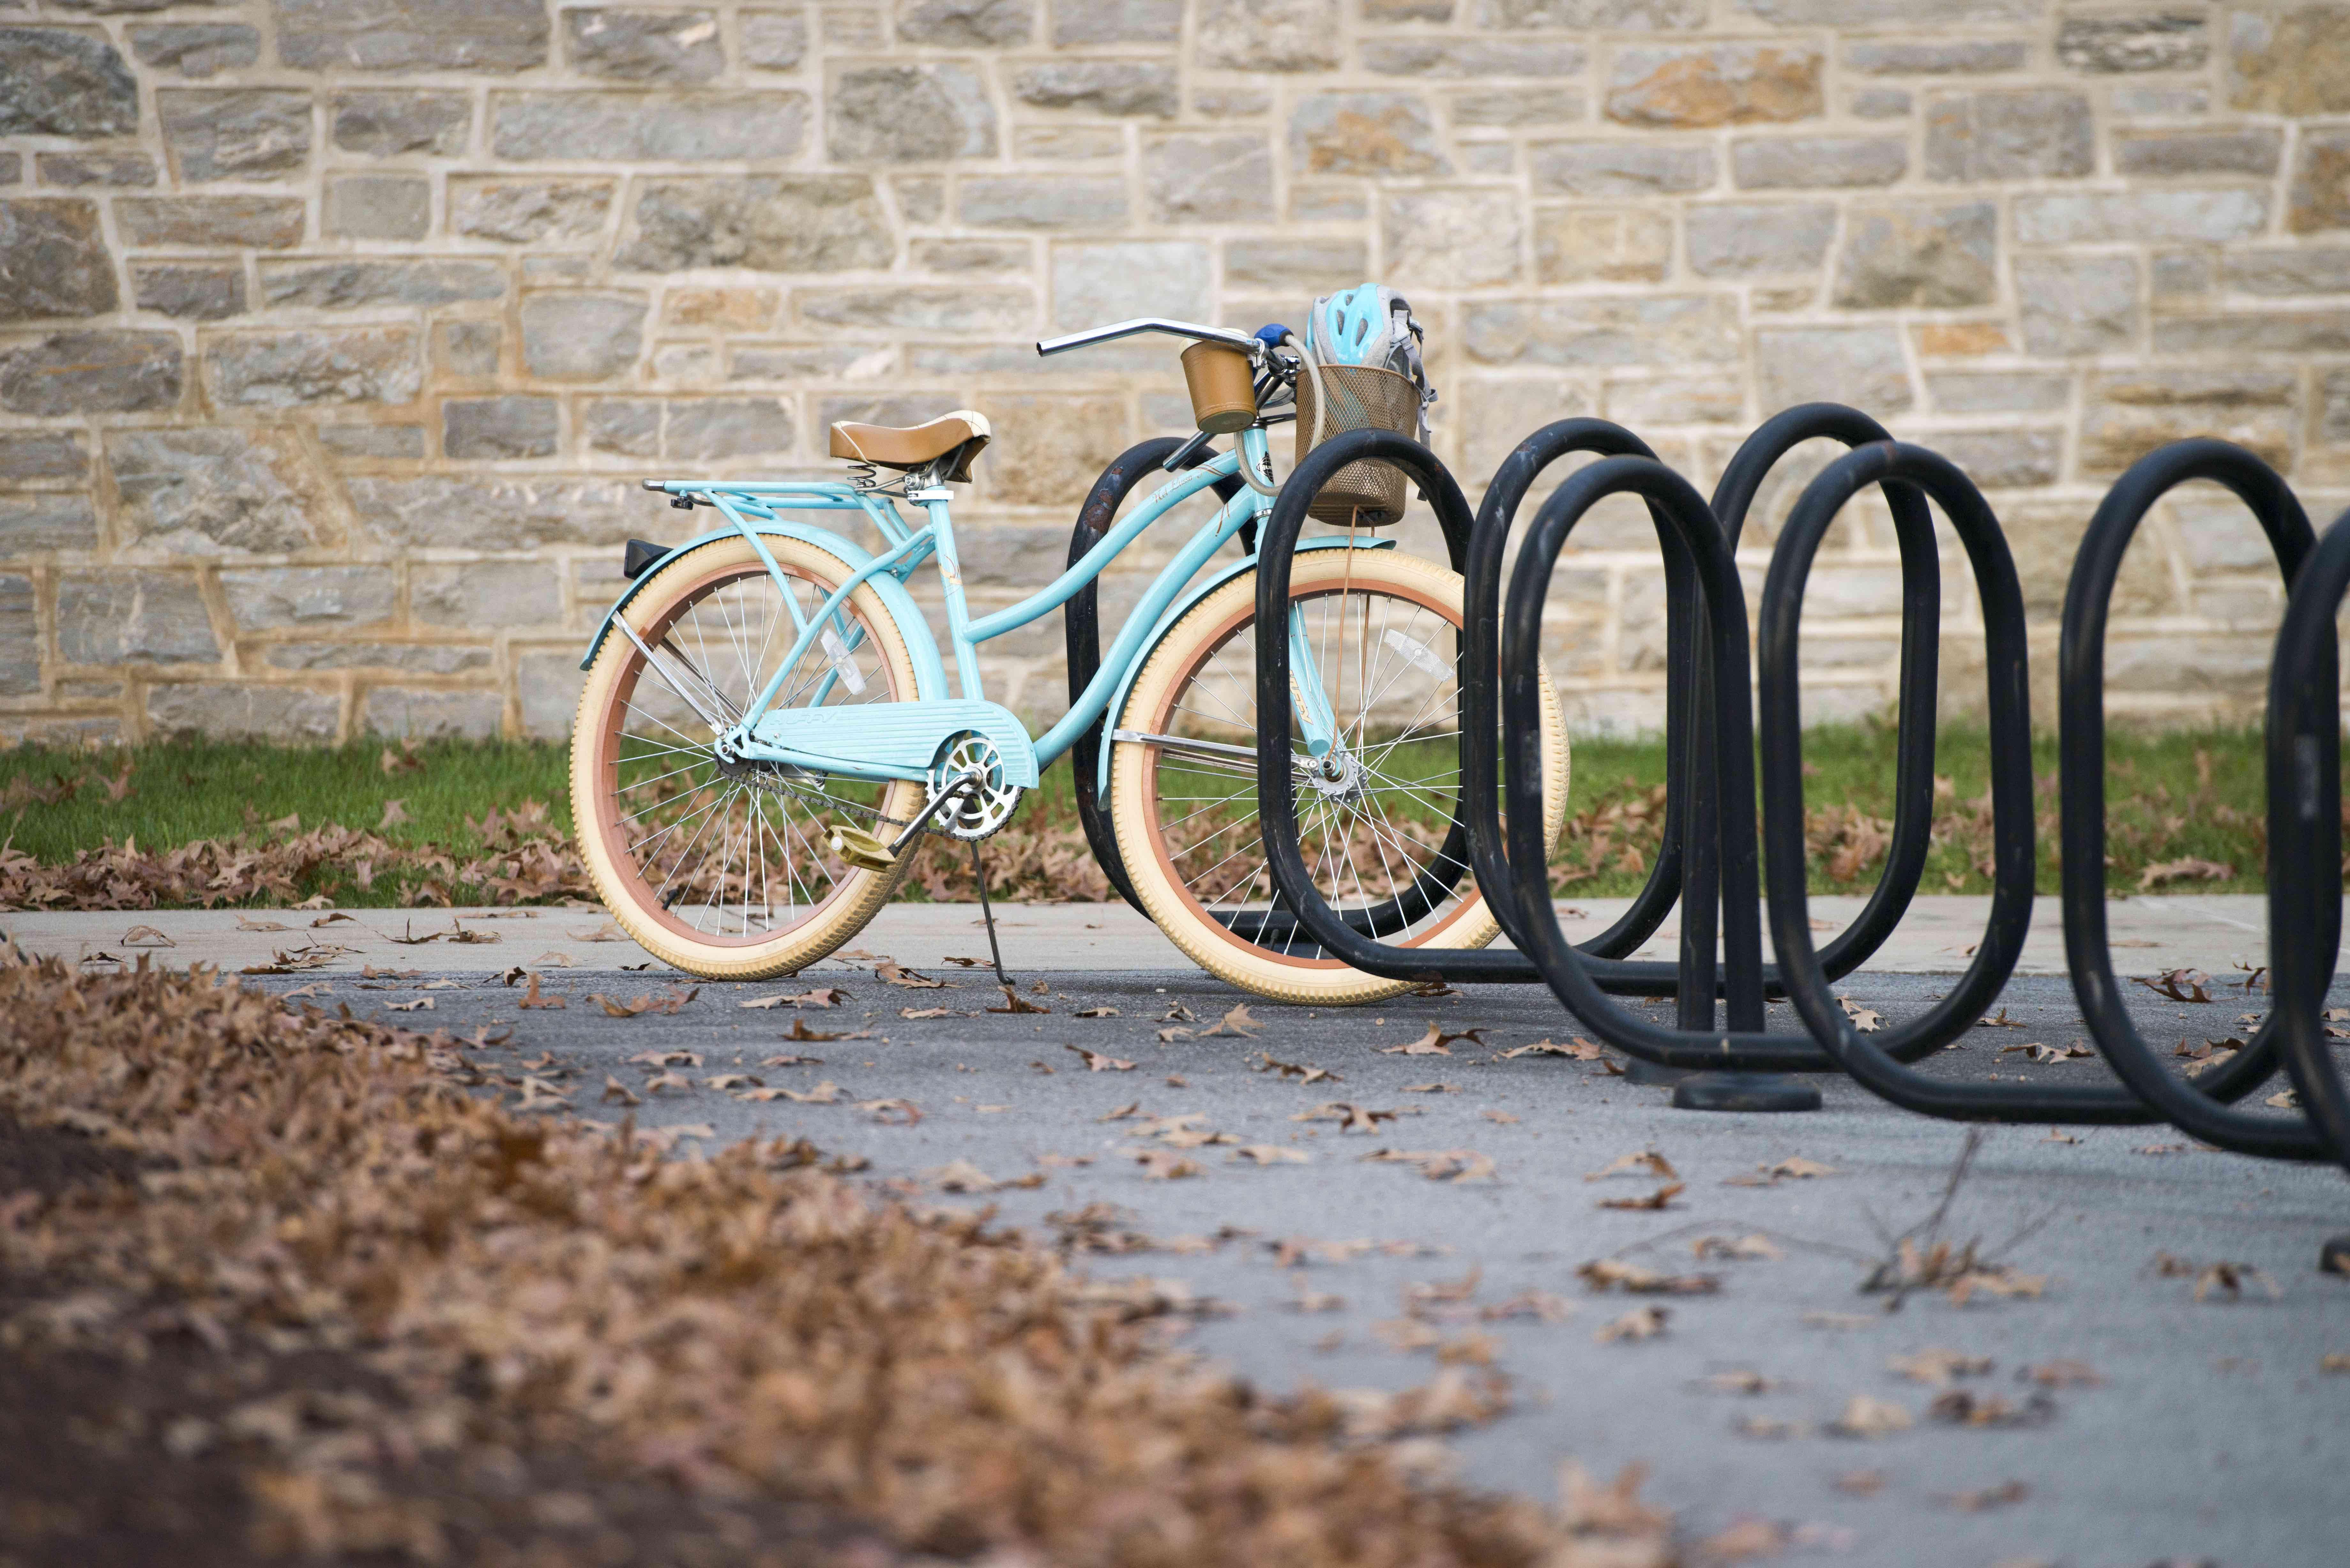 Bike sitting in bike rack